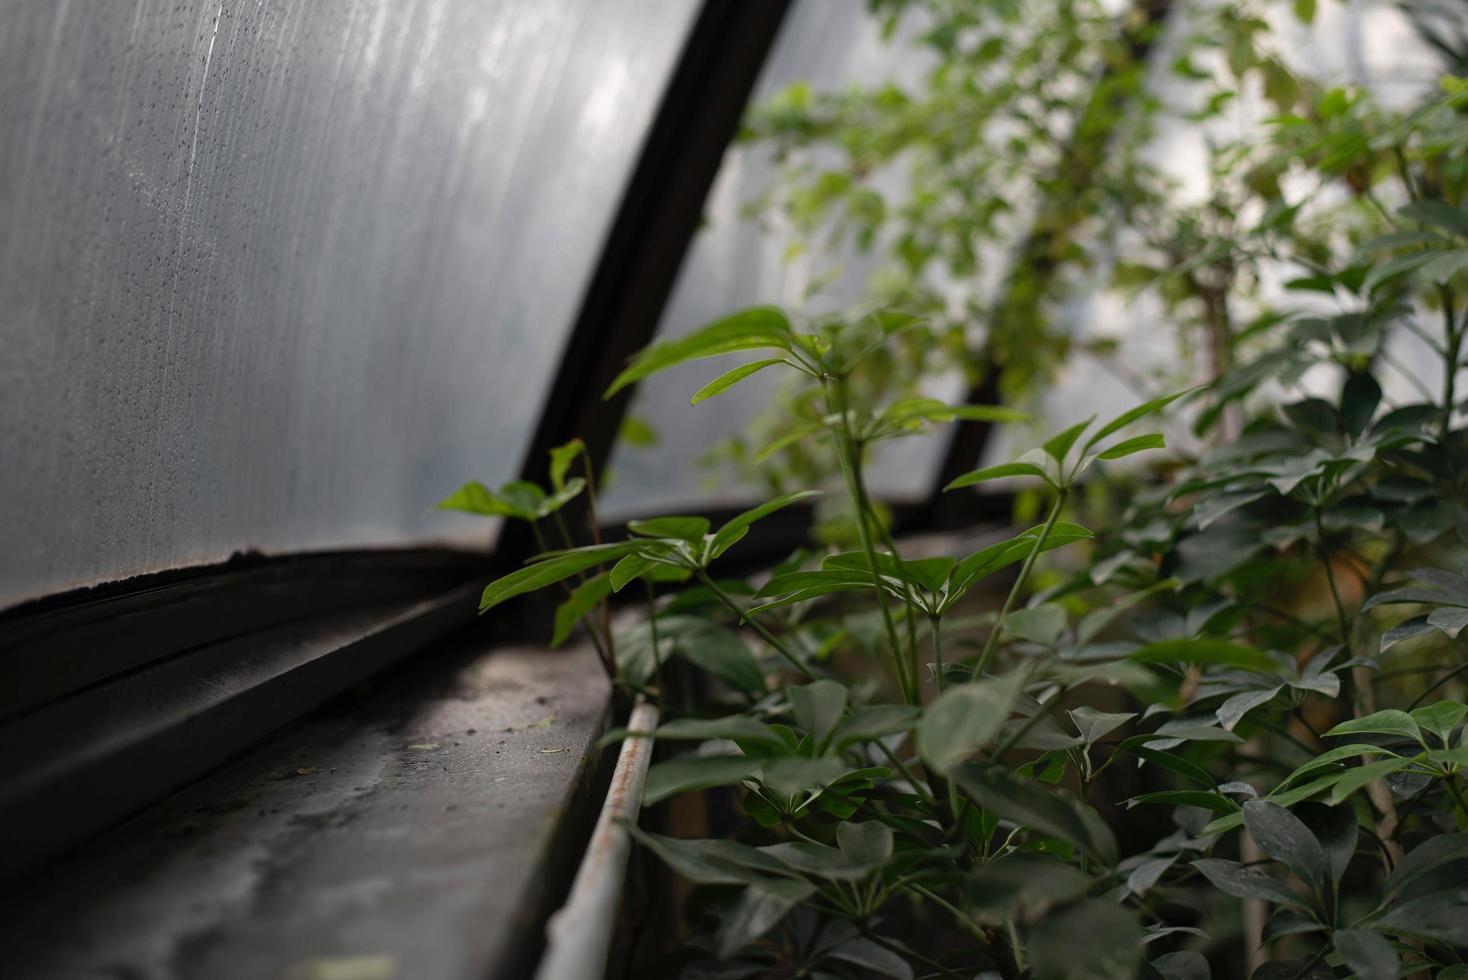 groene plant in de buurt van kas raam foto